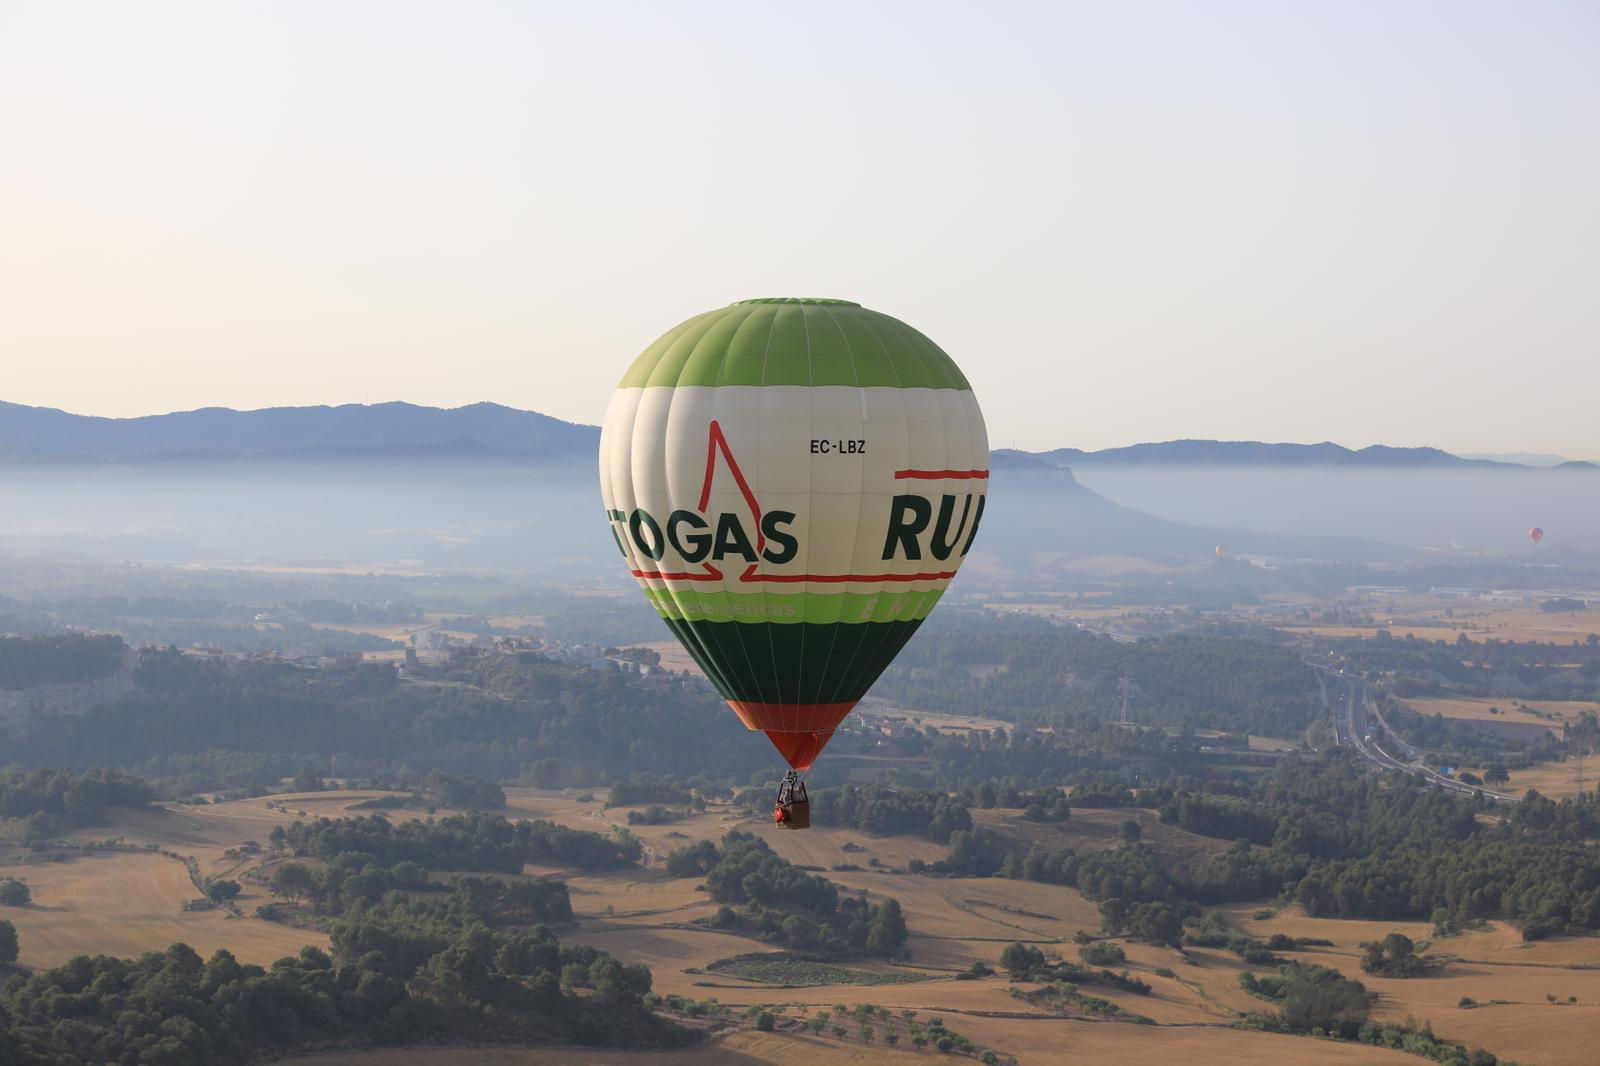 Vitogas sobrevuela el cielo de Igualada